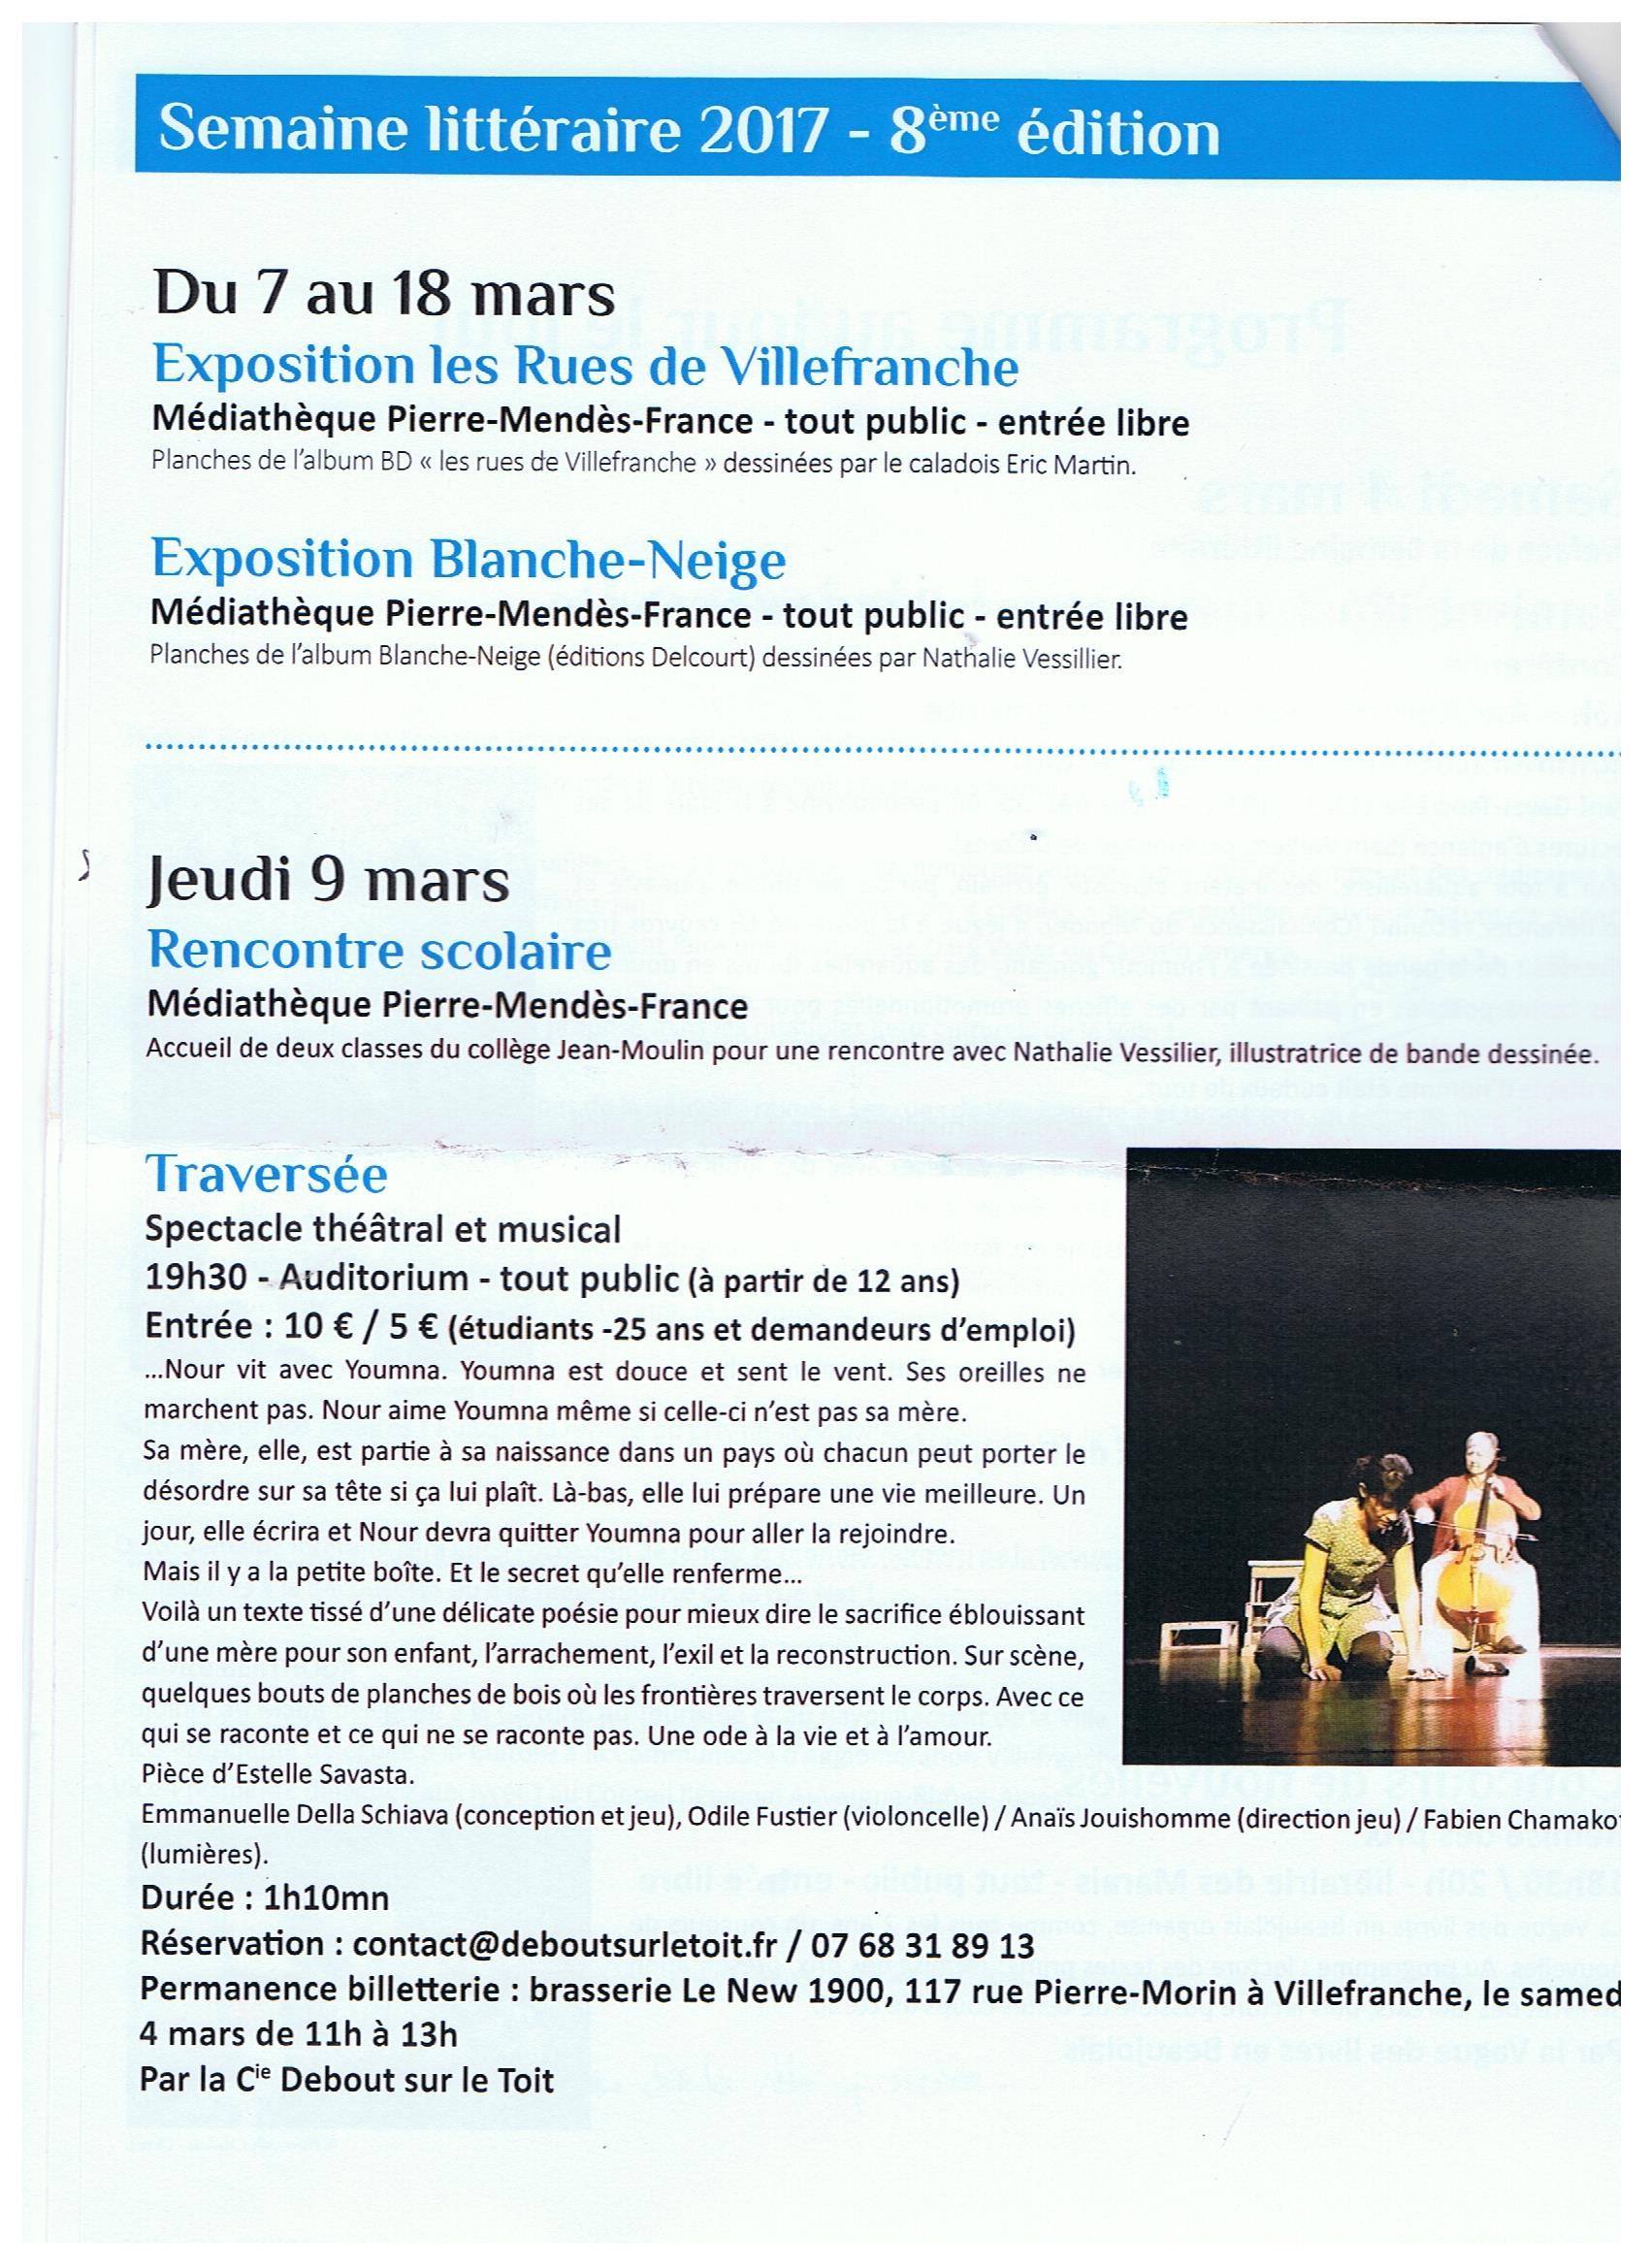 sl page 3.jpeg